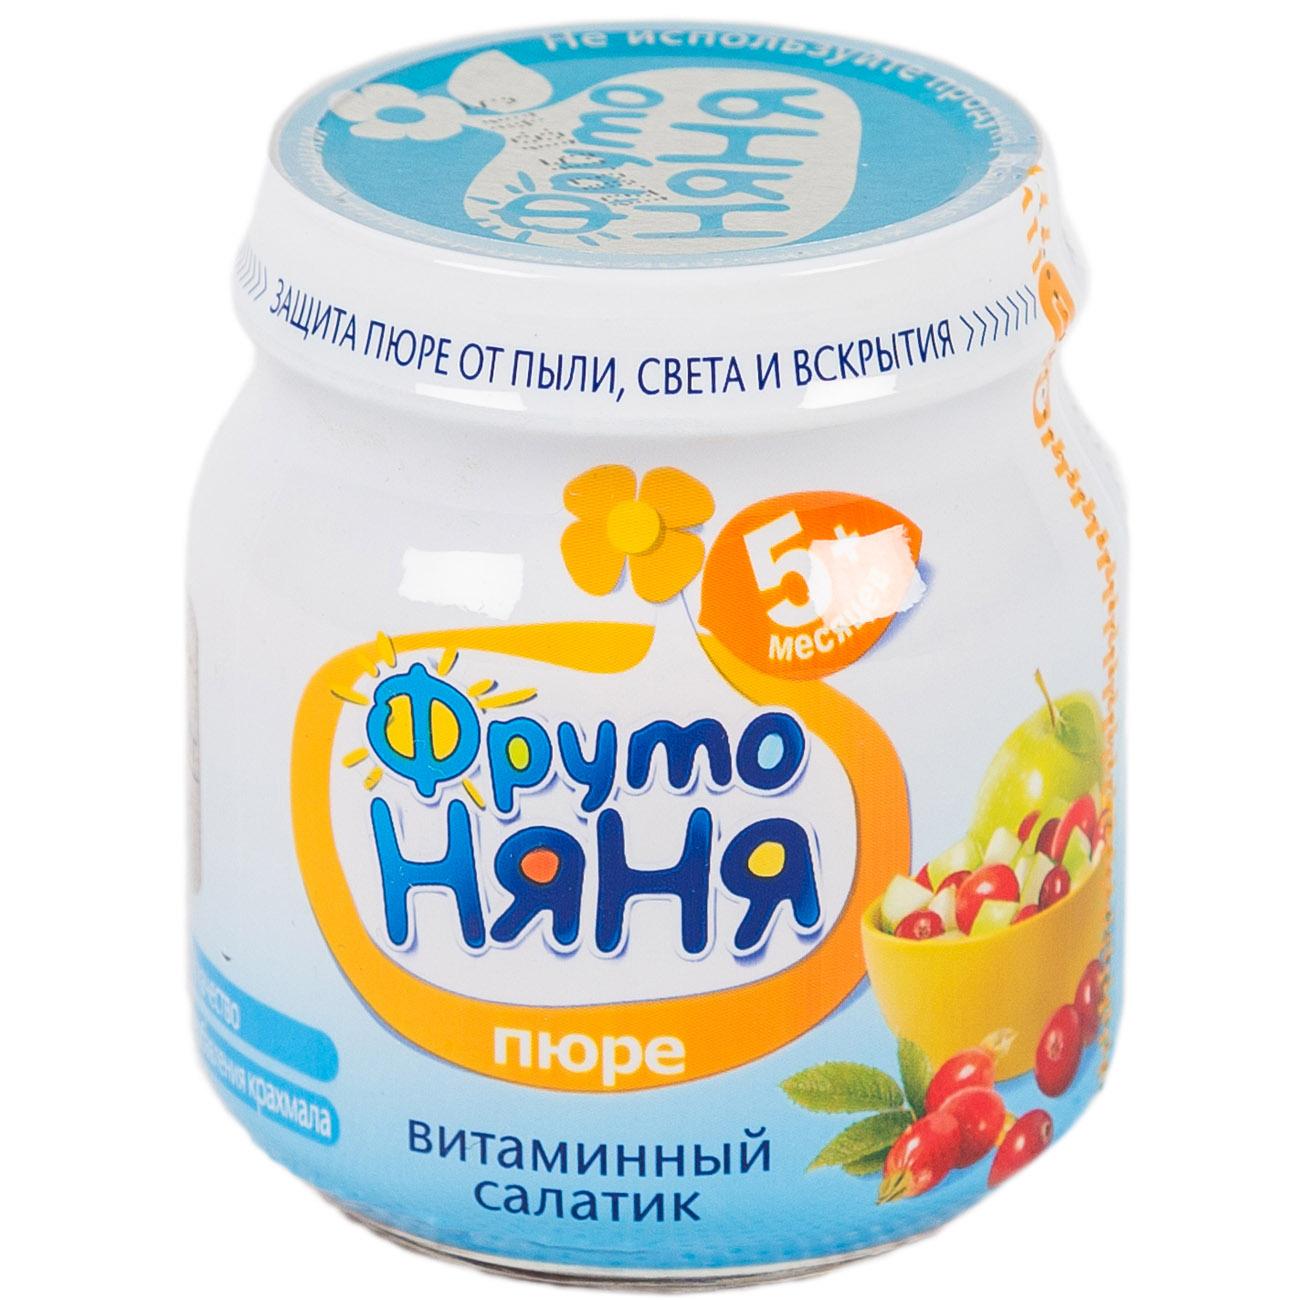 Пюре Фрутоняня фруктовое 100 гр Витаминный салатик (с 5 мес)<br>